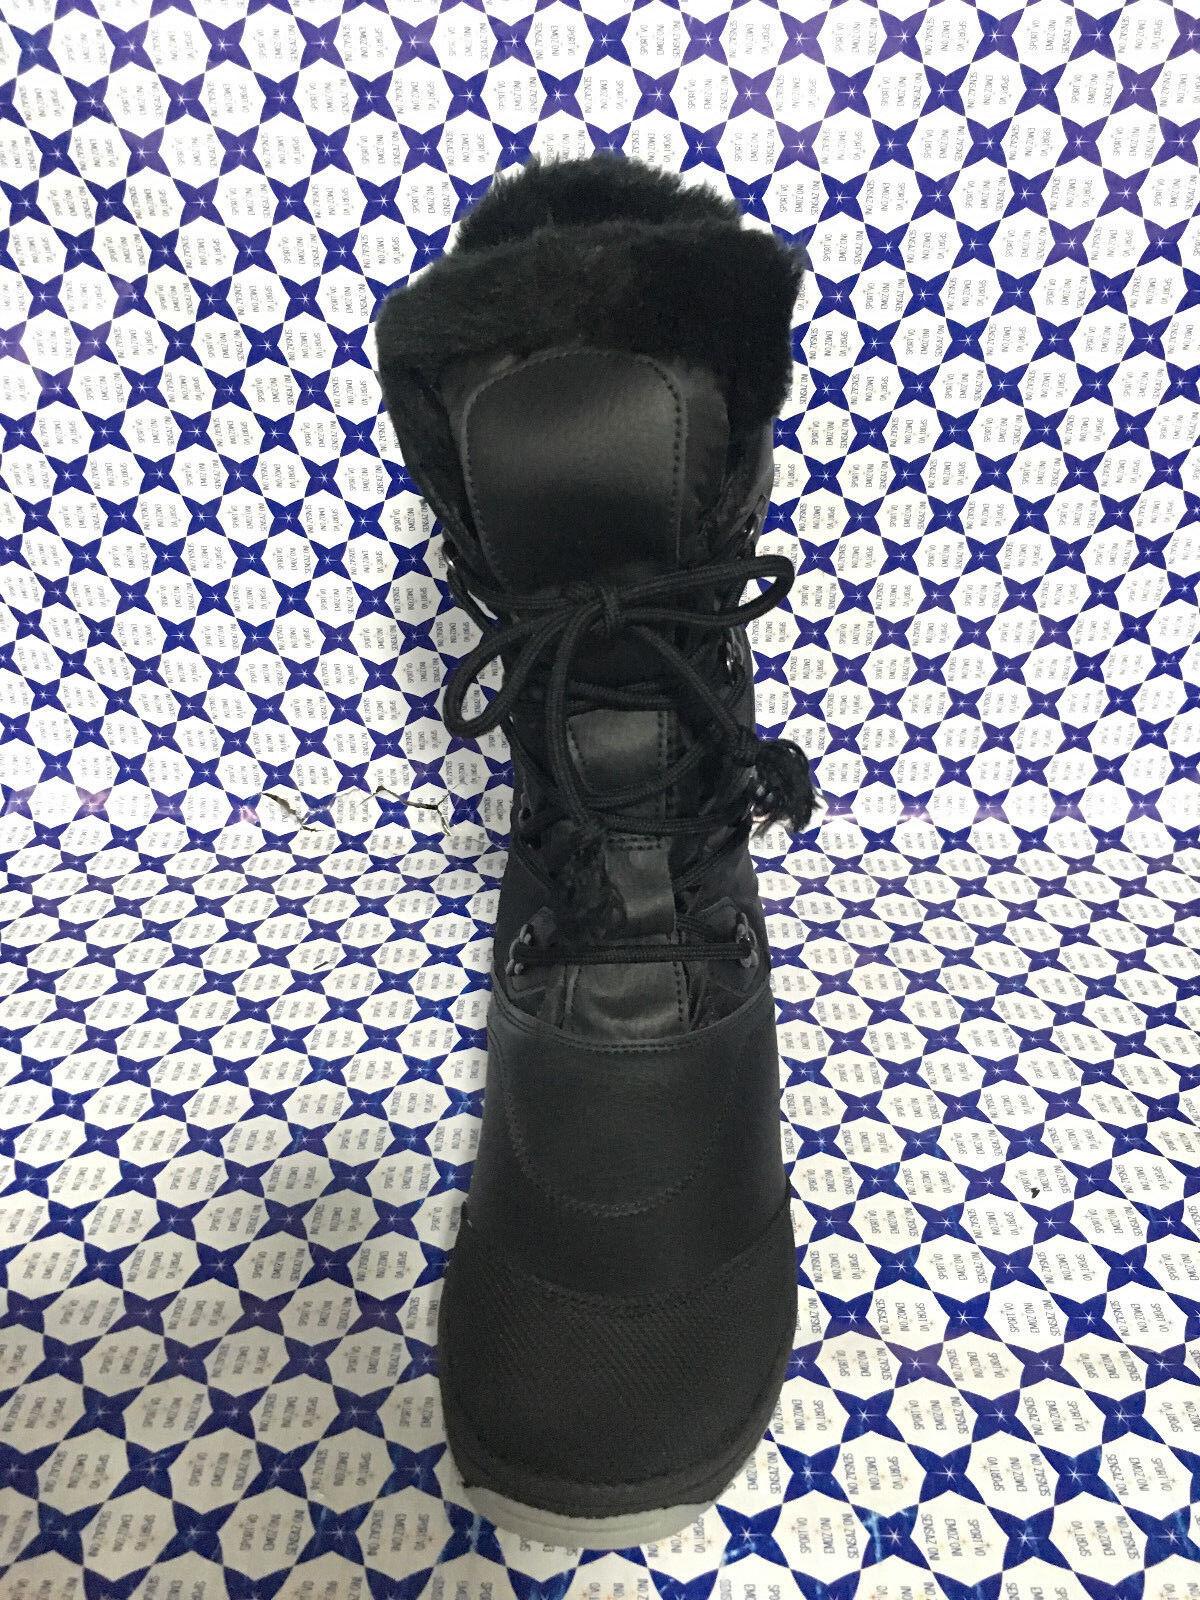 Doposci Kefas women - Auril - black black black - 3224BY db1972